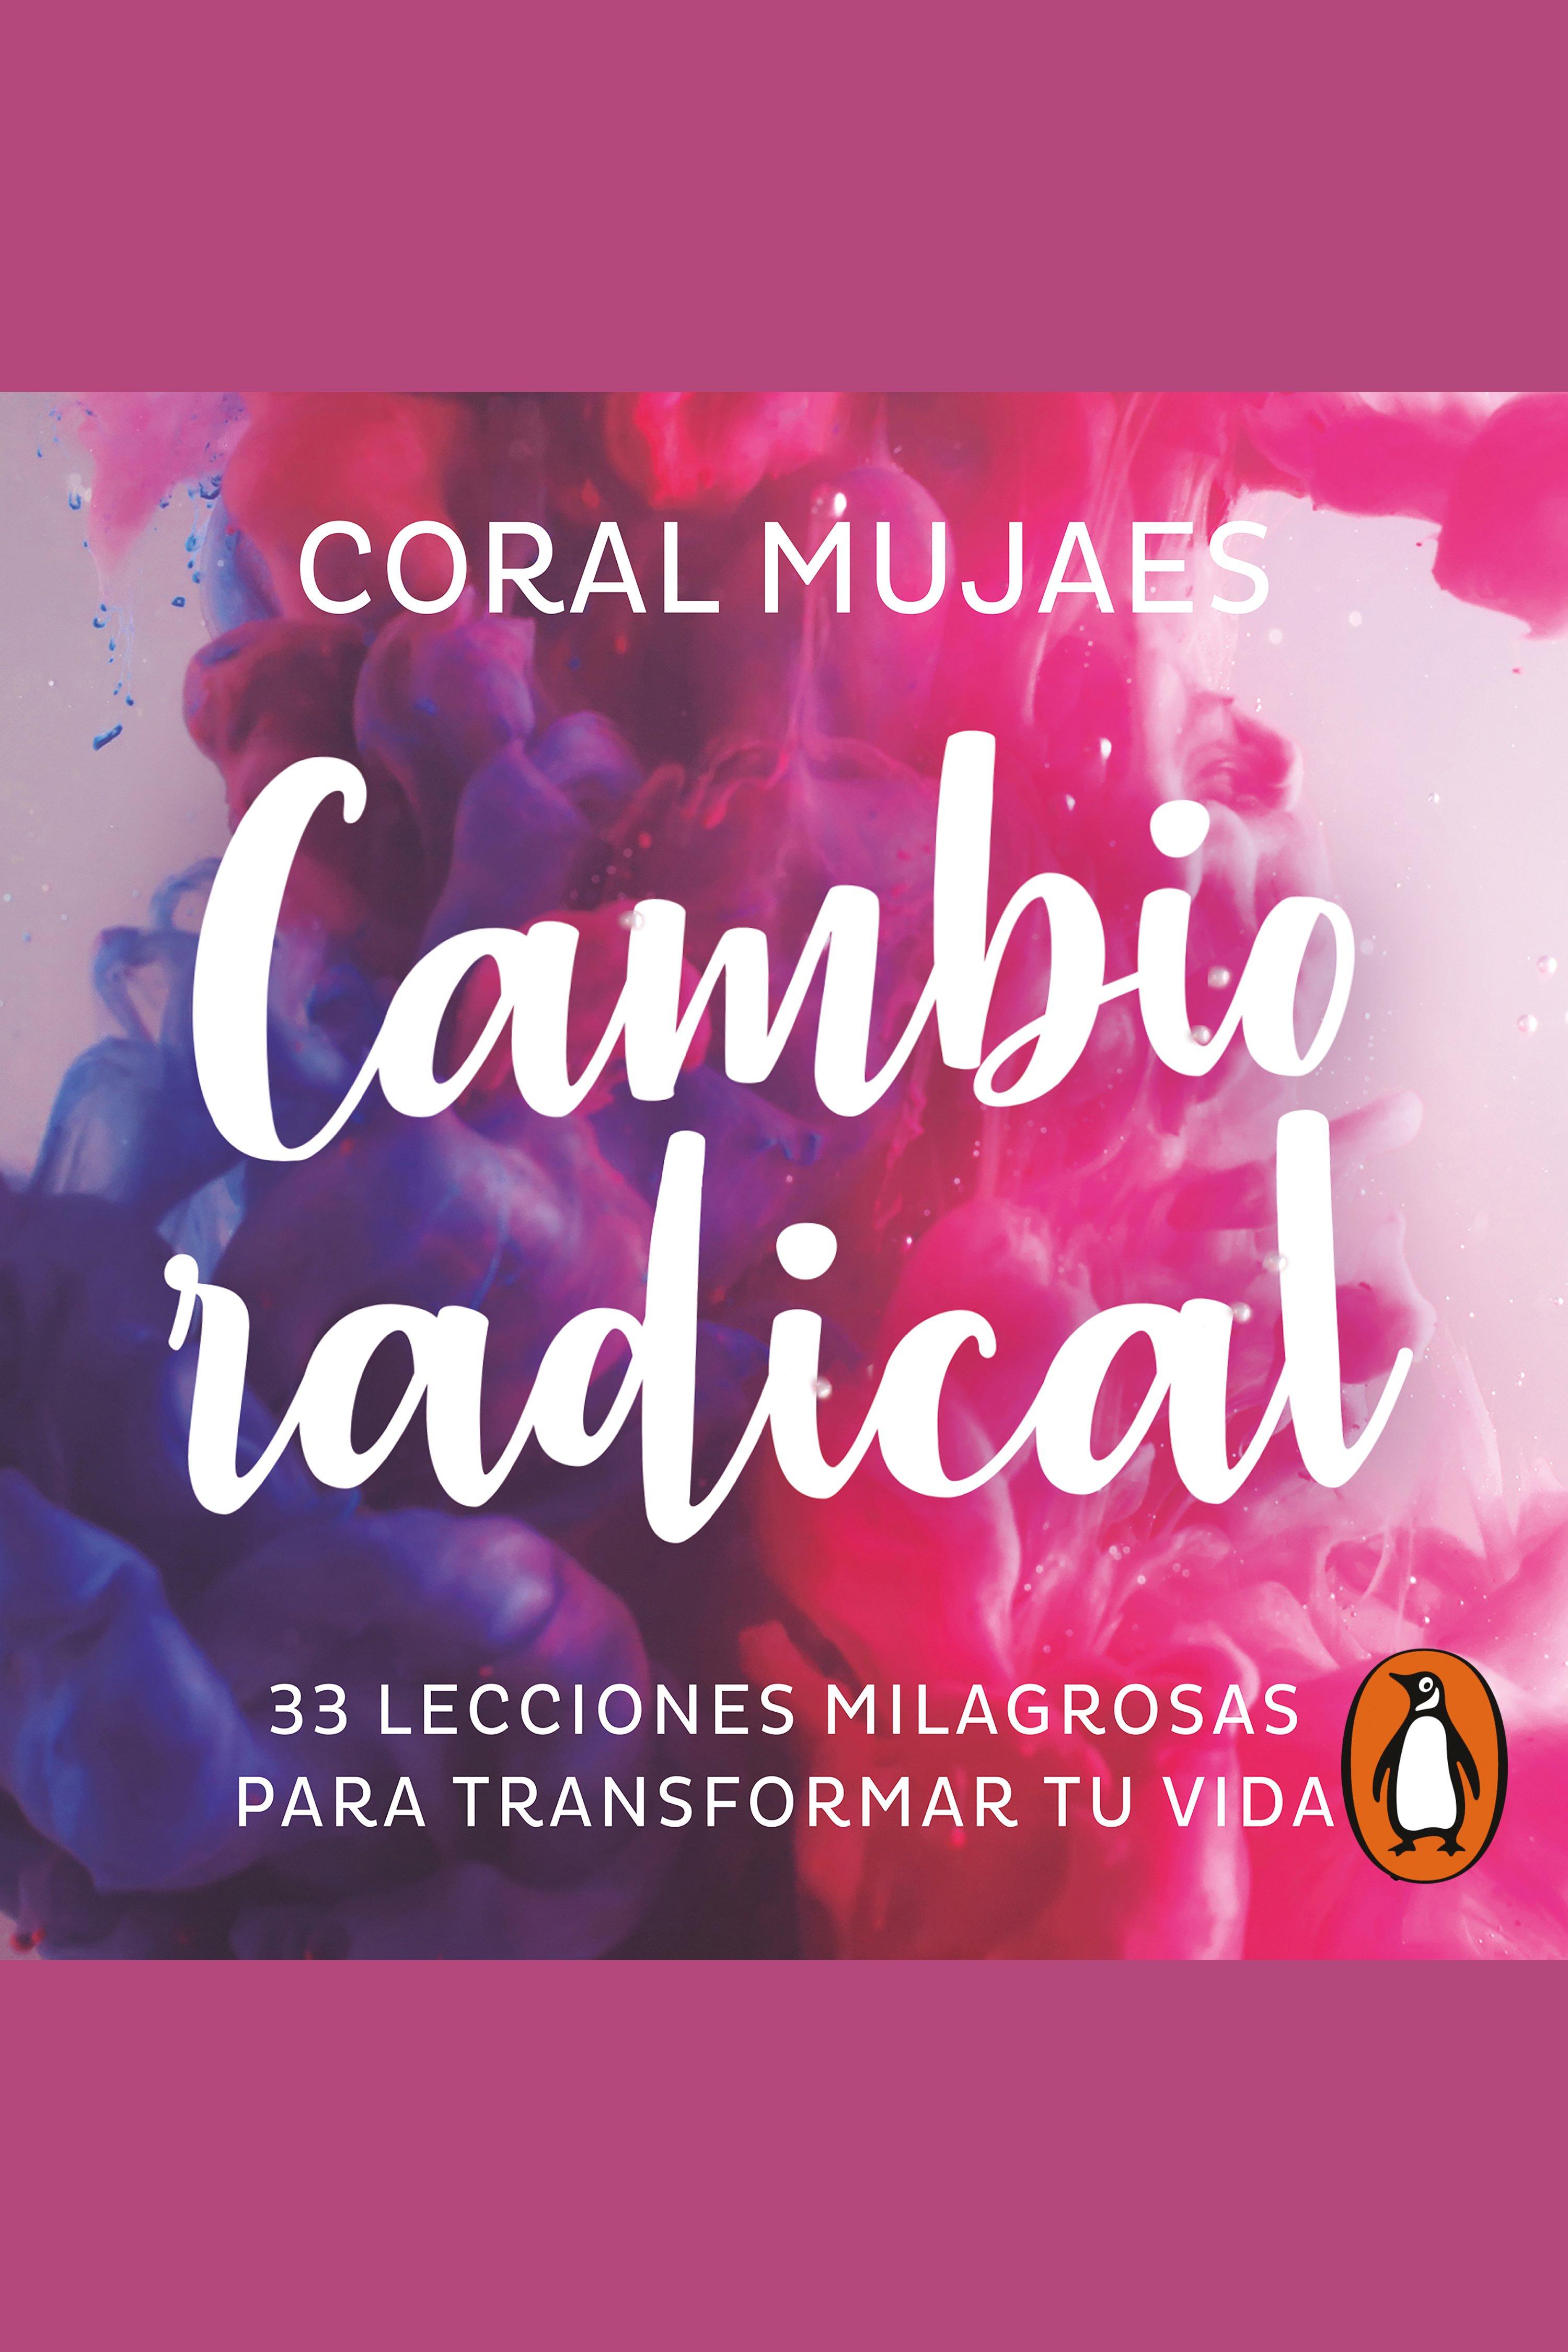 Cambio radical 33 lecciones milagrosas para transformar tu vida